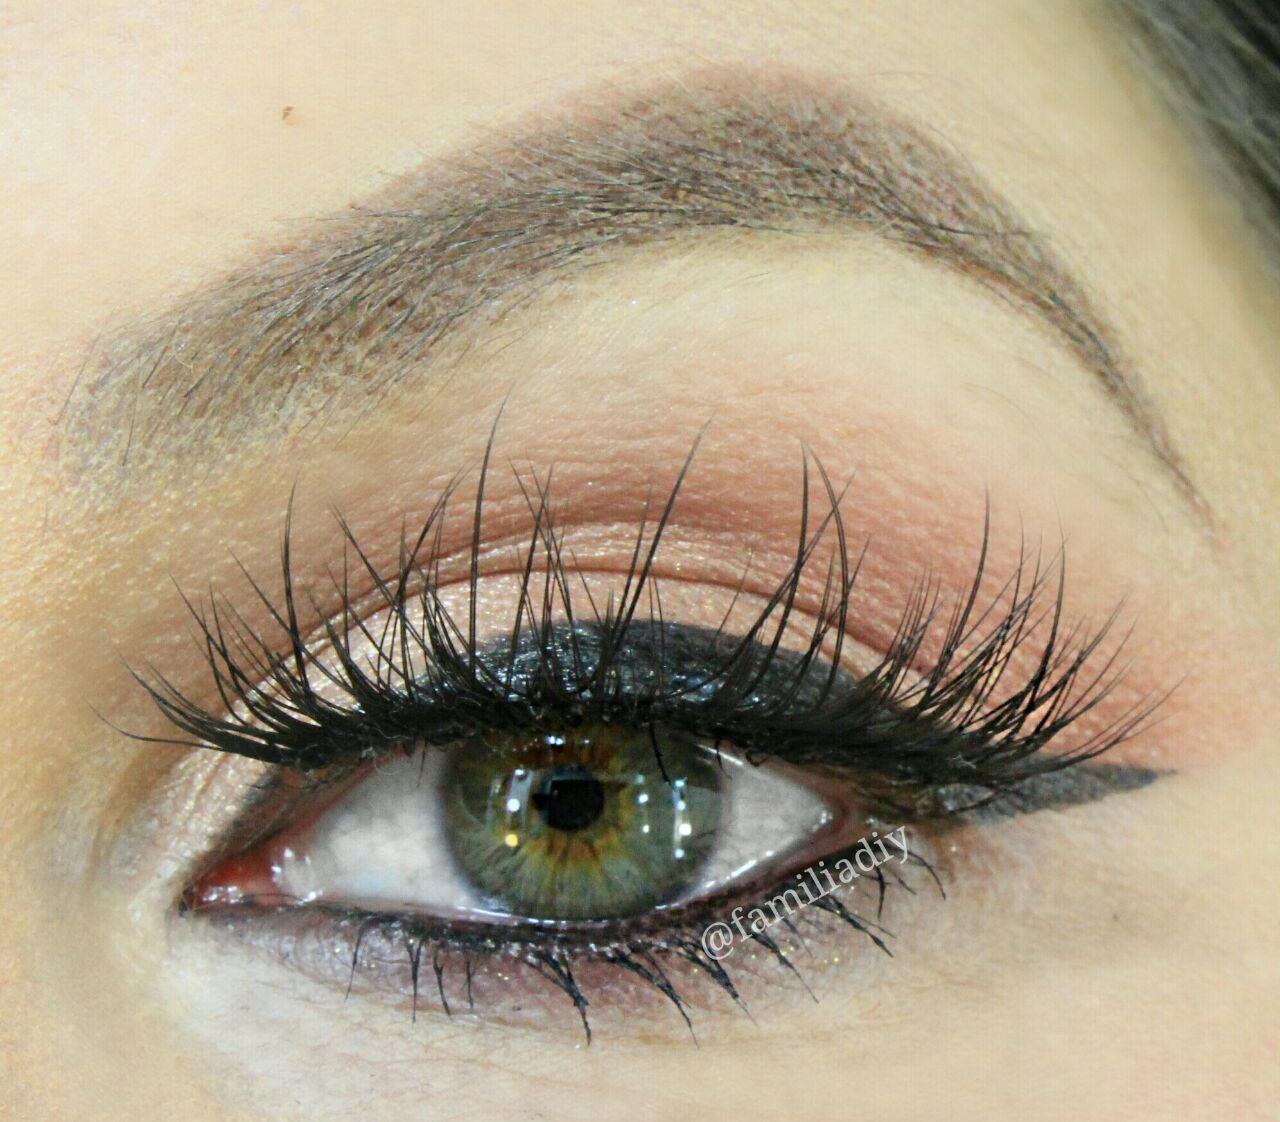 Mas antes de mais nada, vamos a cor natural de meus olhos assim dará para  vocês terem um comparativo real do antes e depois. ce0a5c21d0